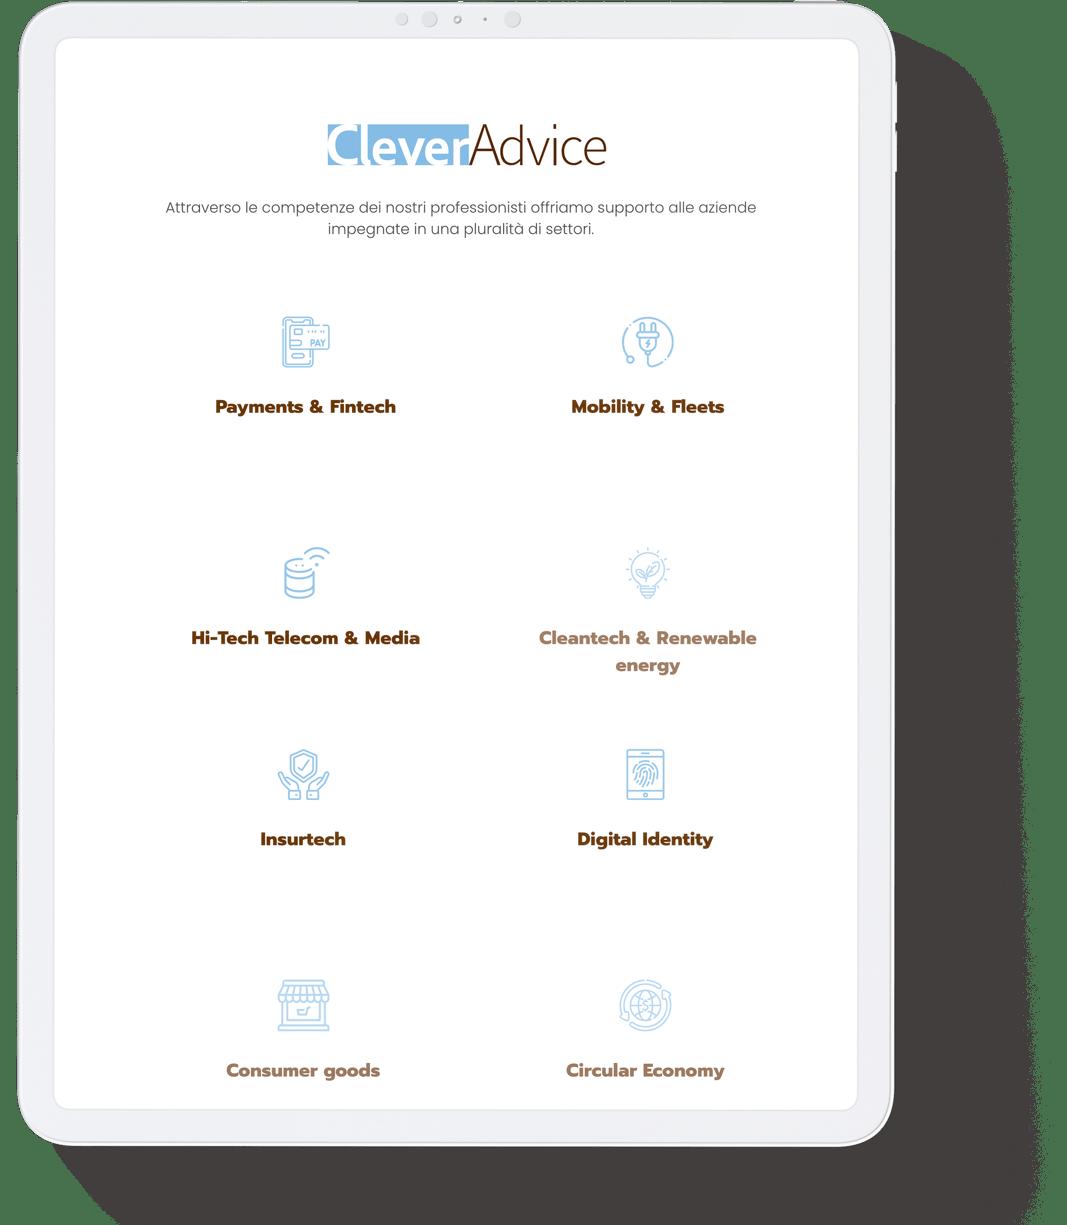 Cleveradvice servizi